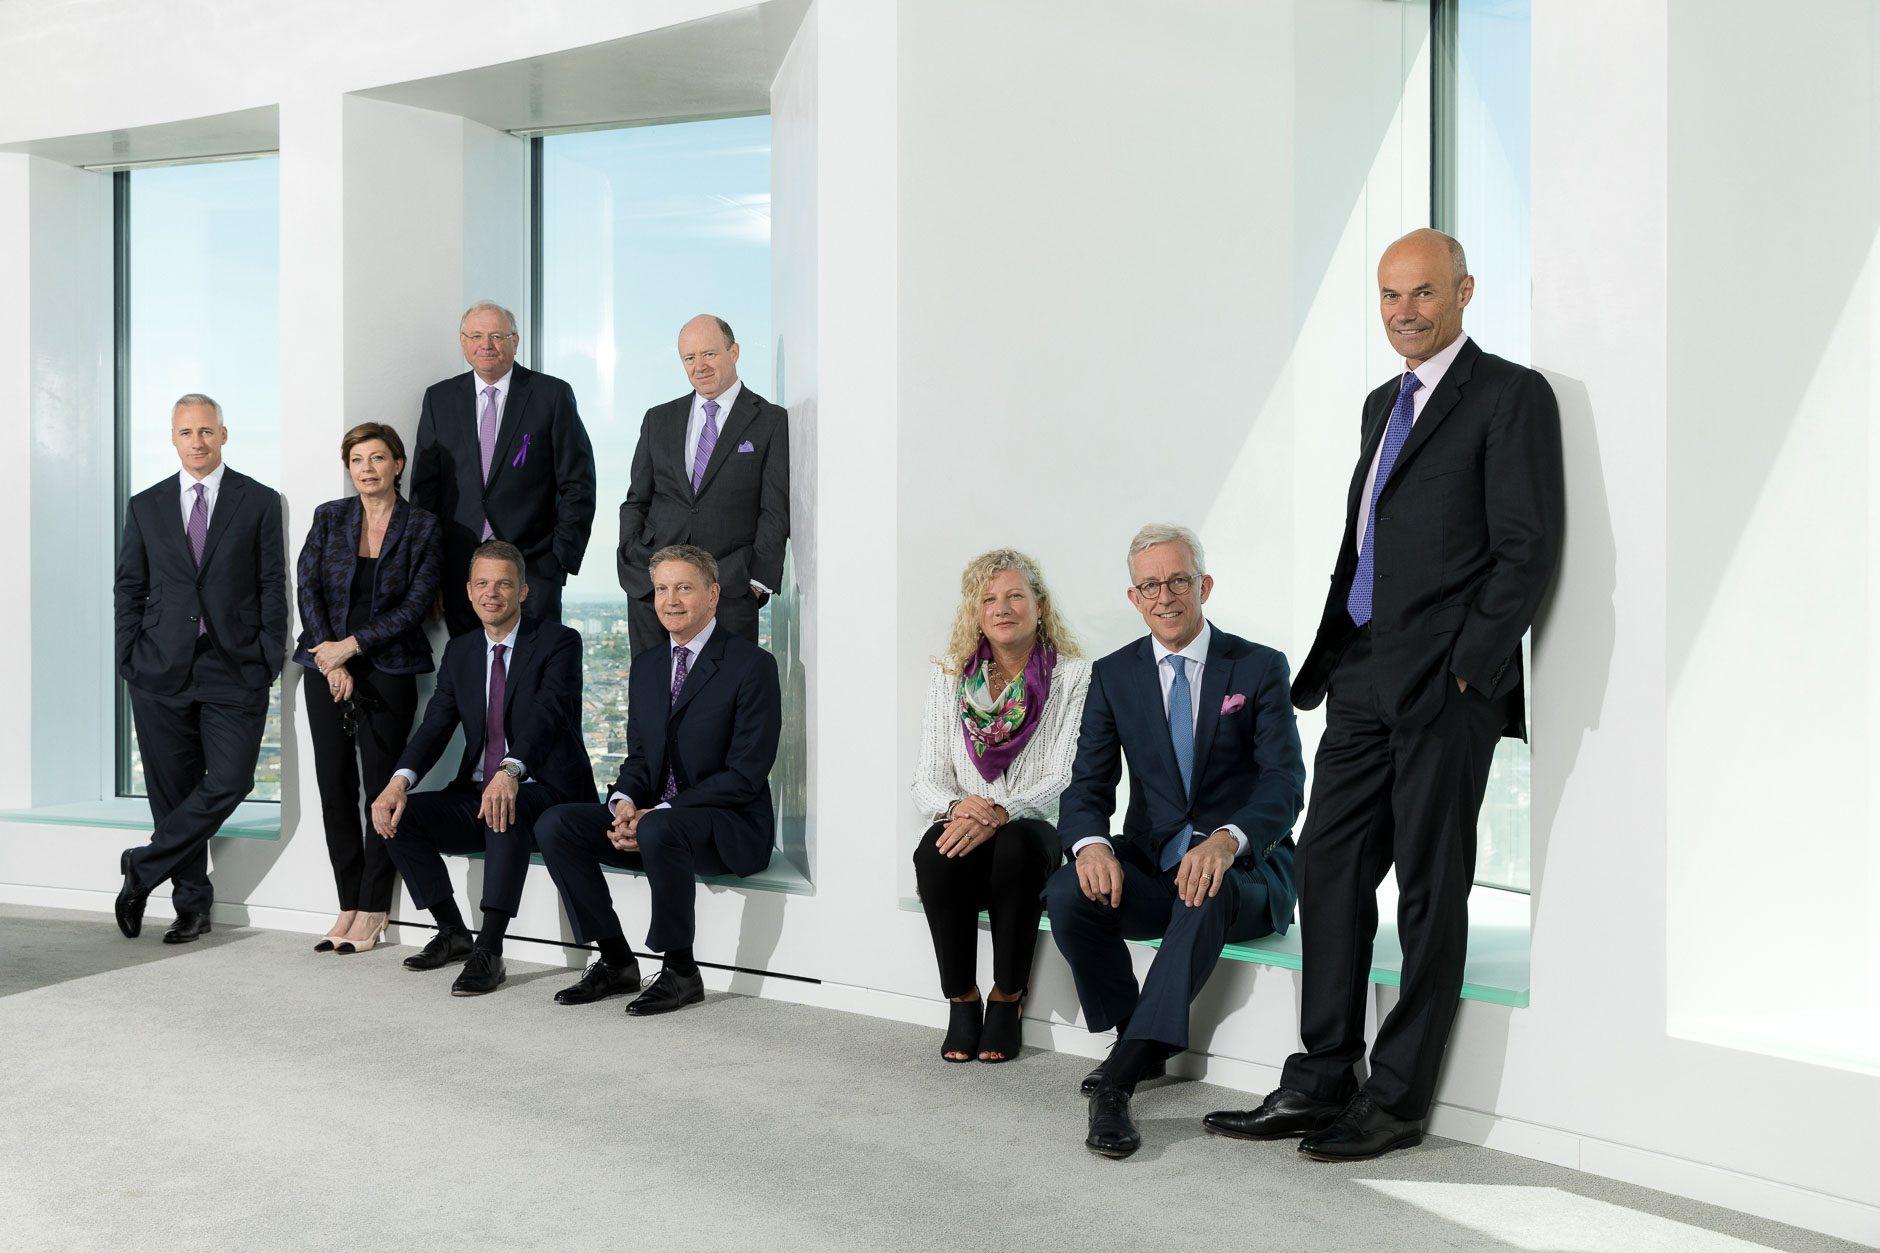 Gruppenfoto Vorstand Deutsche Bank, Frankfurt am Main